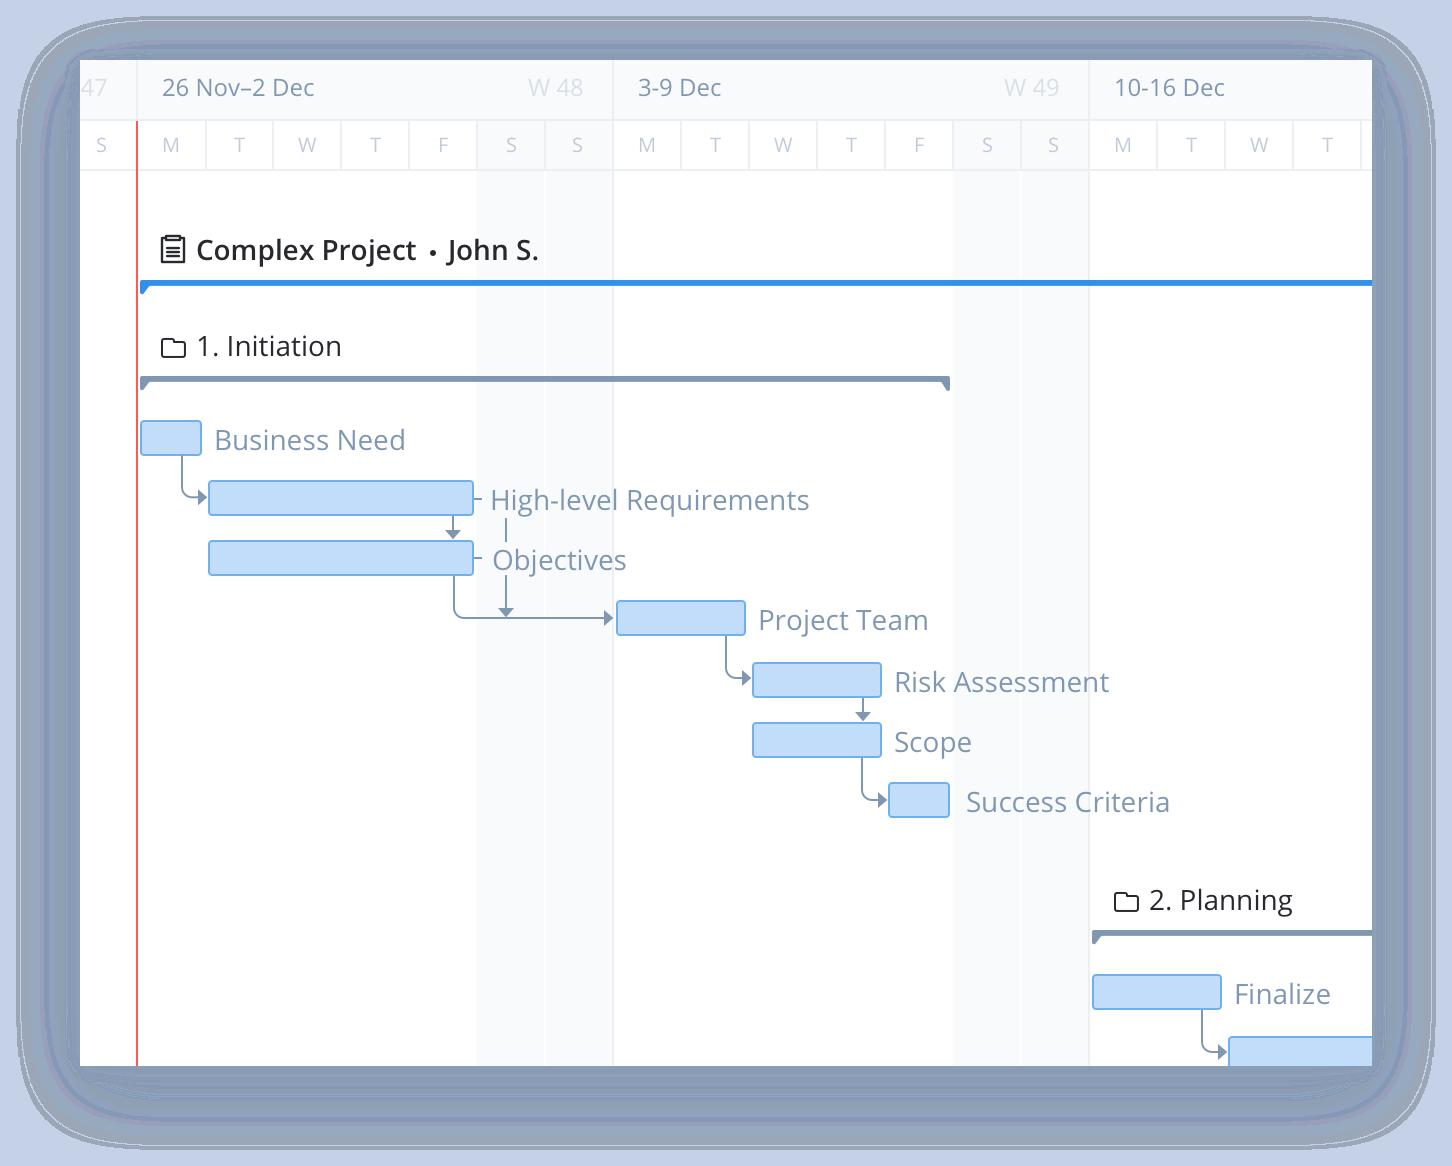 Project_Management_Gantt_Chart_Excel_3